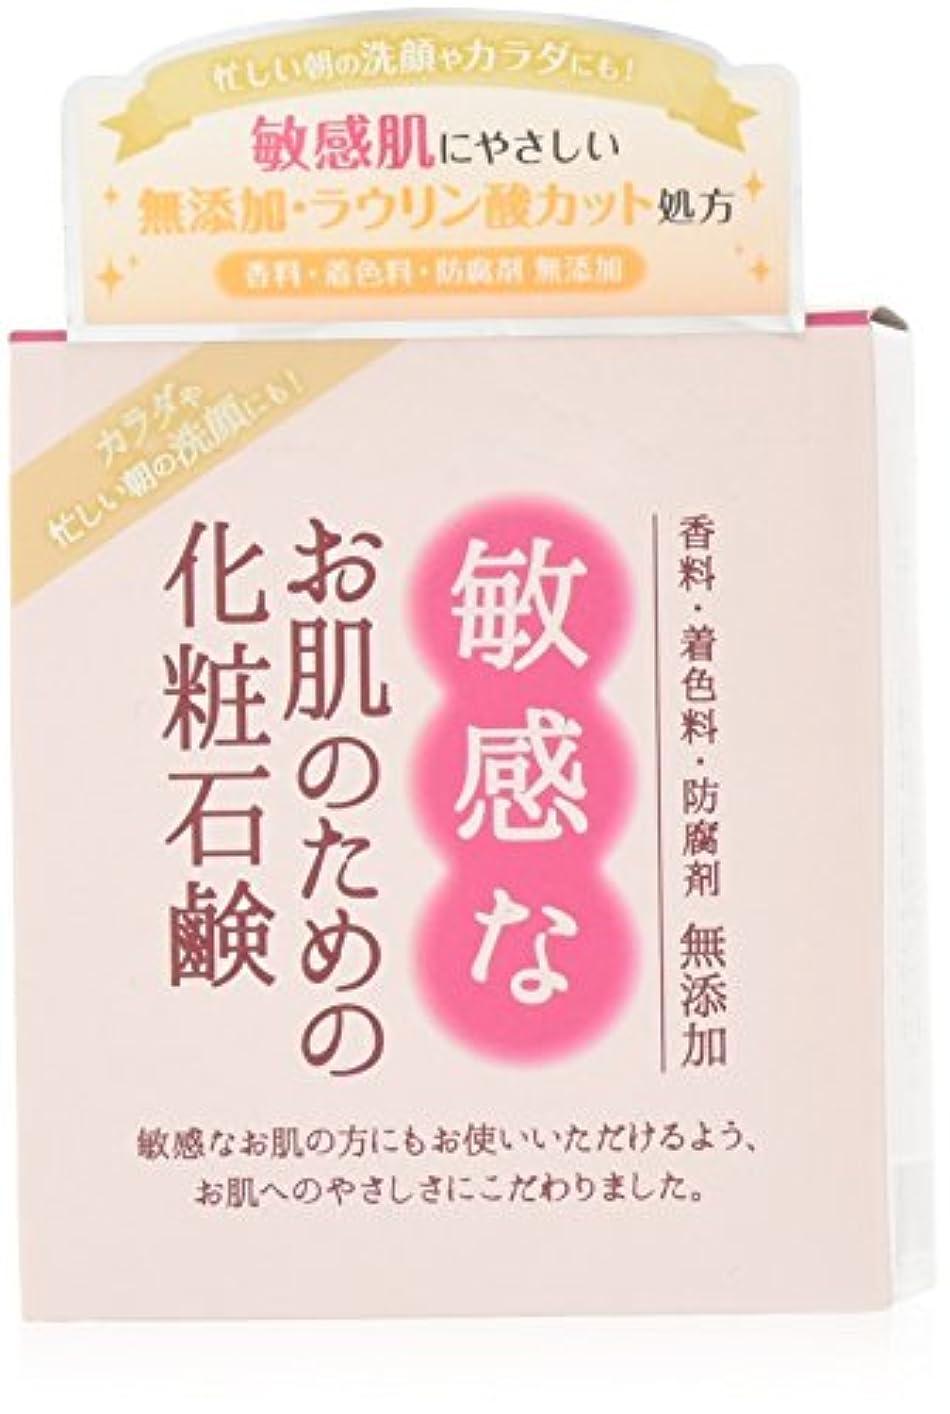 まぶしさ大声でマティス敏感なお肌のための化粧石鹸 100g CBH-S